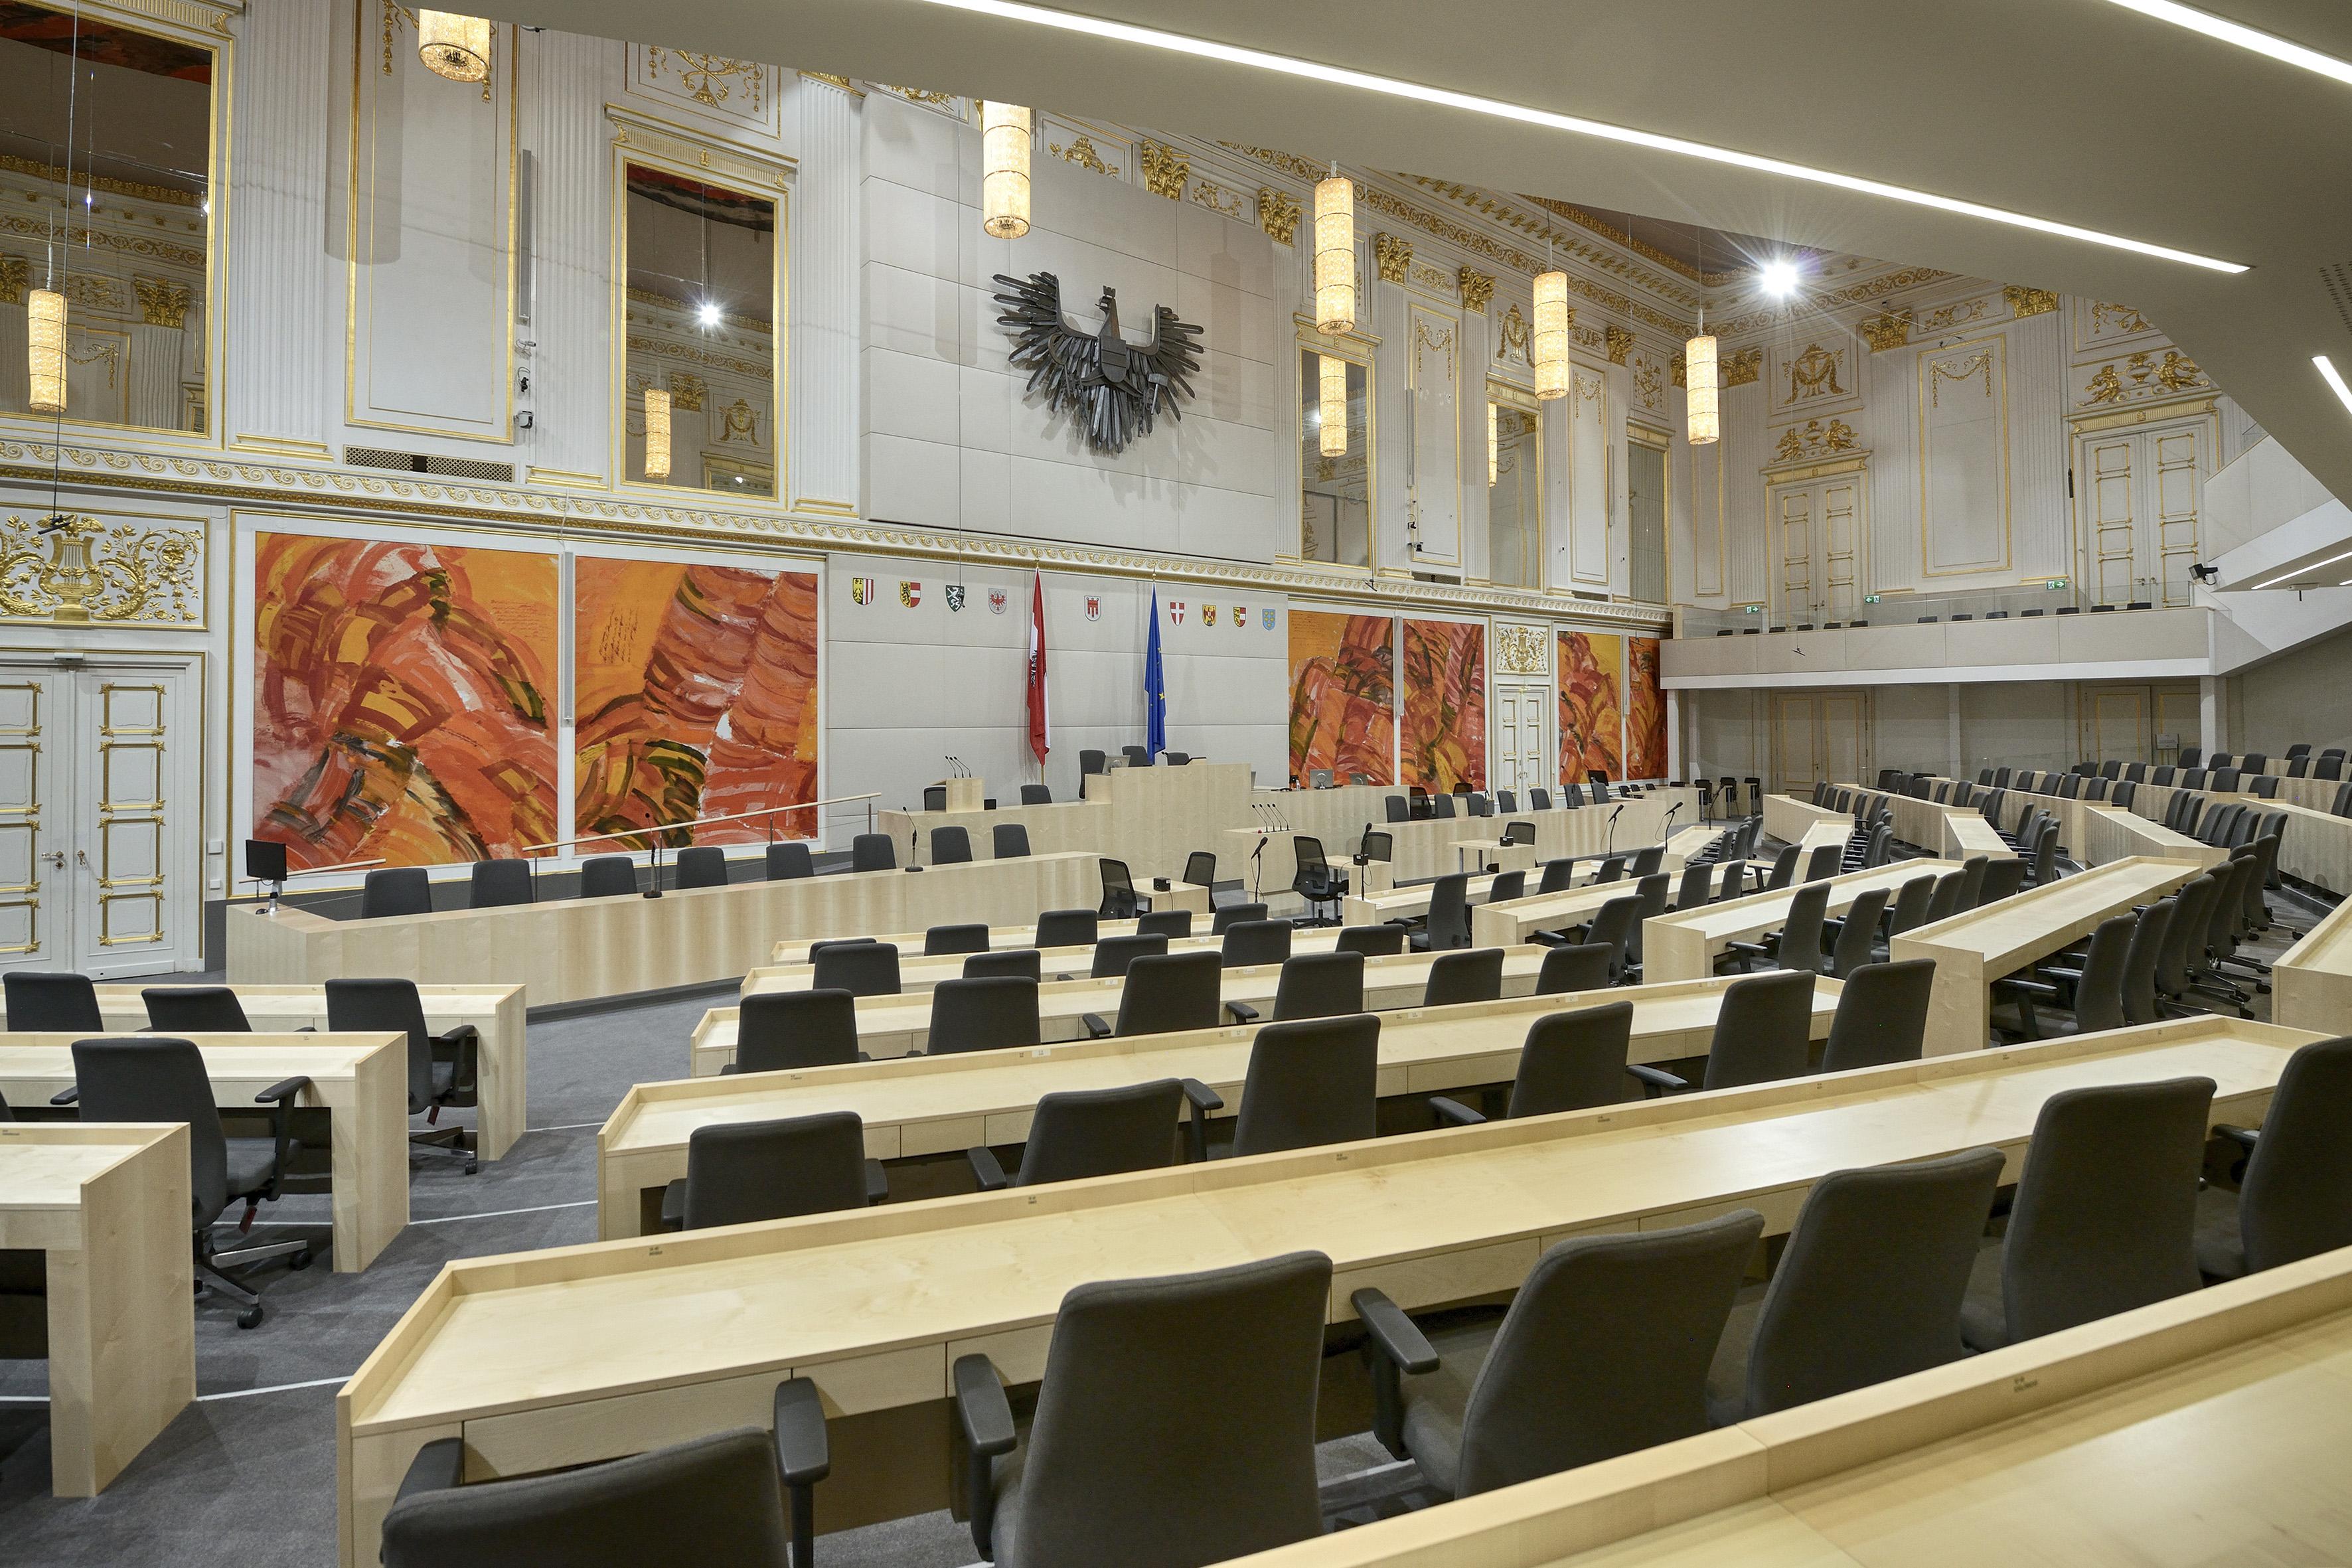 Architekturaufnahmen Hofburg Plenarsaal von National- und Bundesrat im Großen Redoutensaal in der Hofburg mit Bildern von Josef Mikl Aufnahmedatum: 19.09.2017 © Parlamentsdirektion / Johannes Zinner